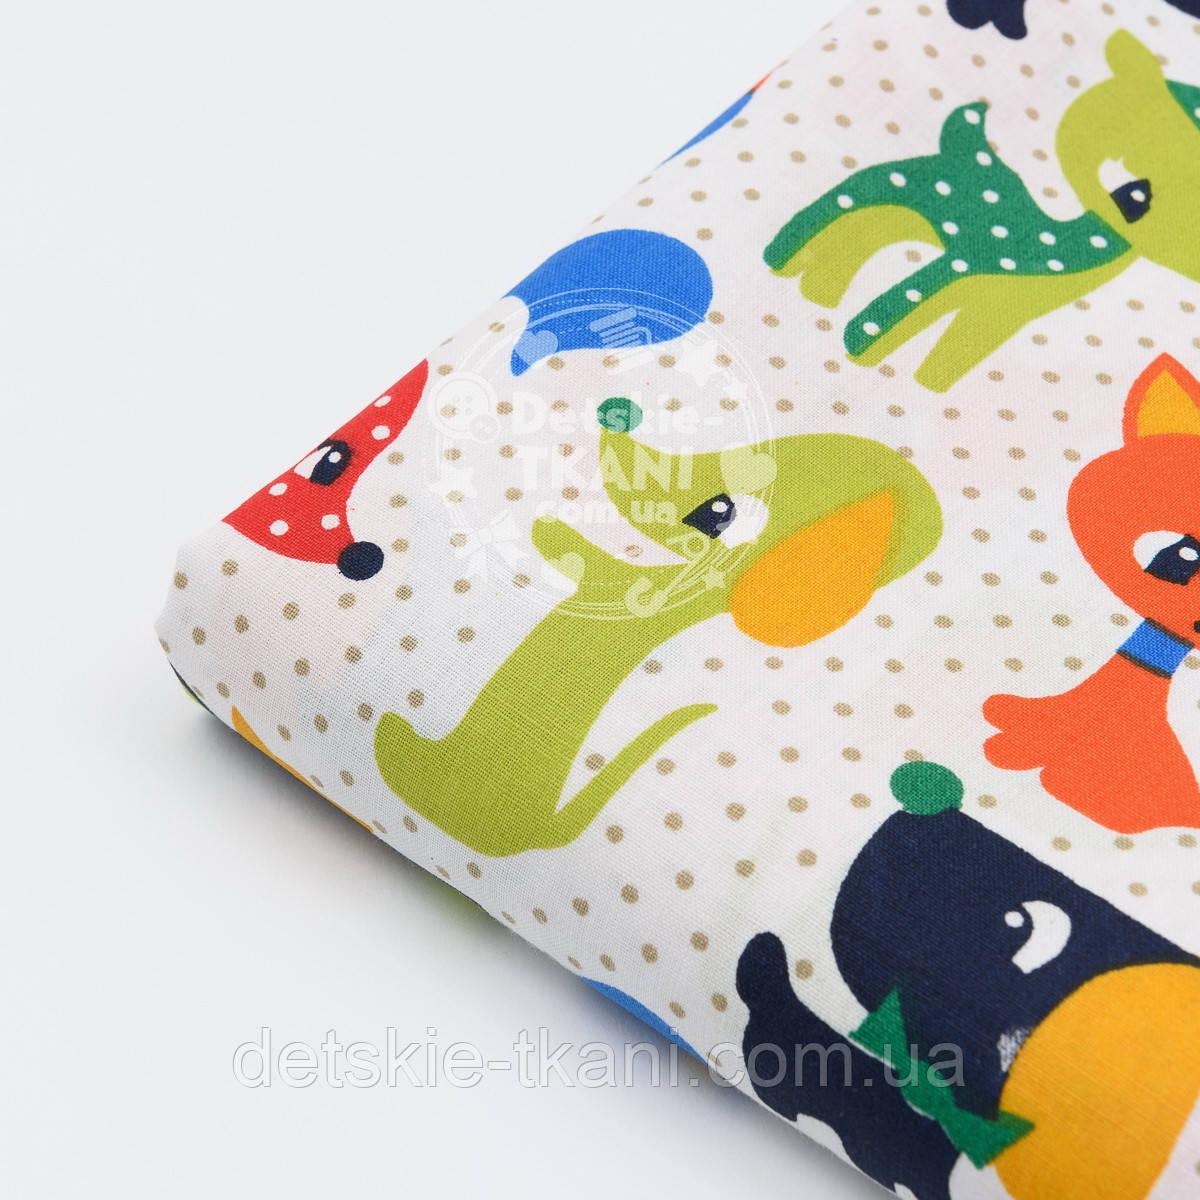 Лоскут ткани №865а размером 40*79см